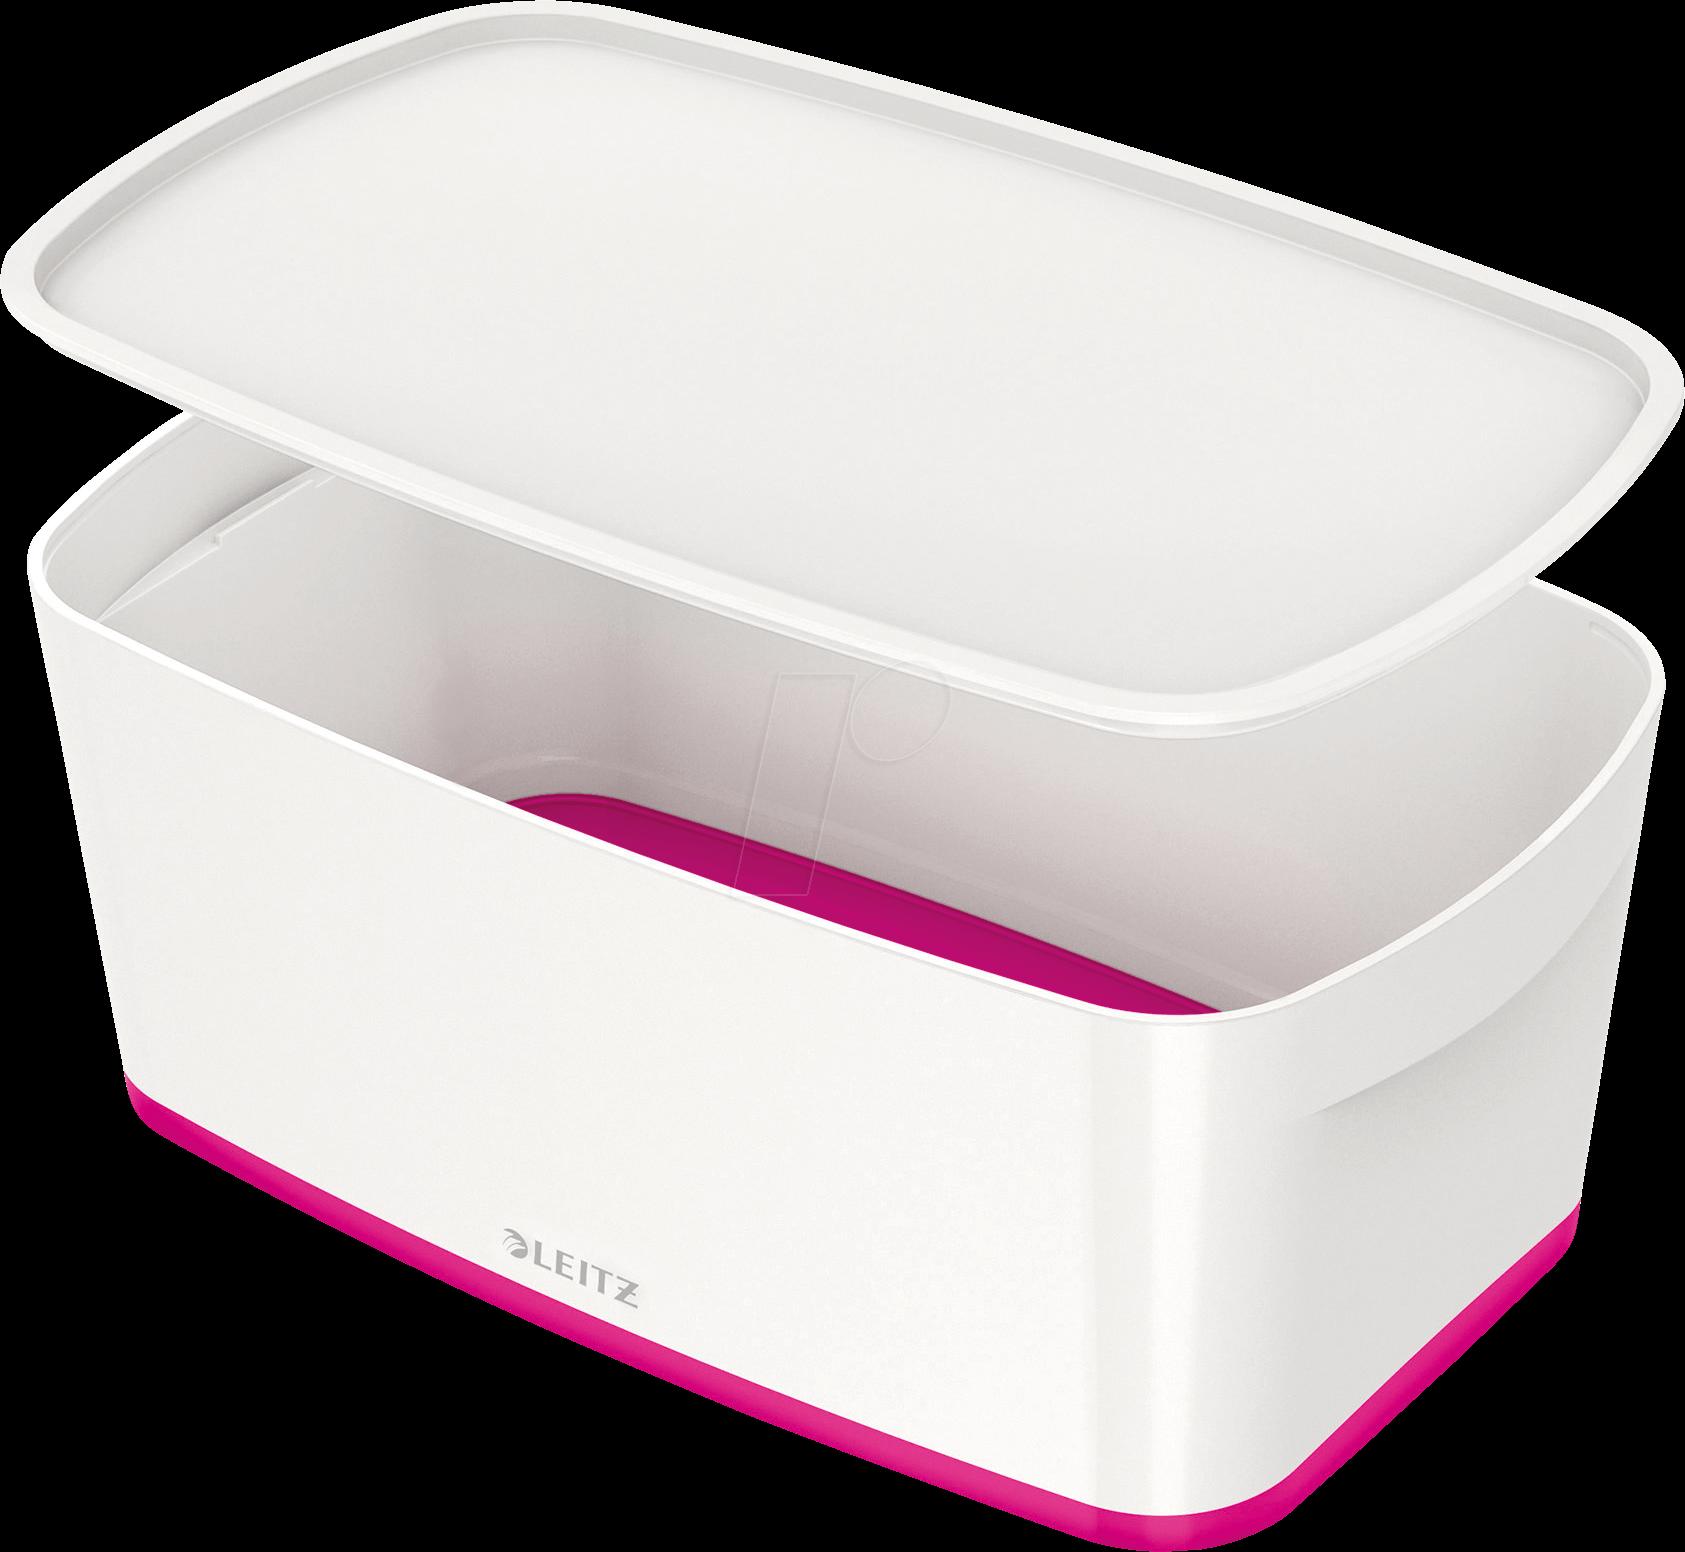 leitz 52291023 leitz mybox kleine aufbewahrungsbox mit. Black Bedroom Furniture Sets. Home Design Ideas